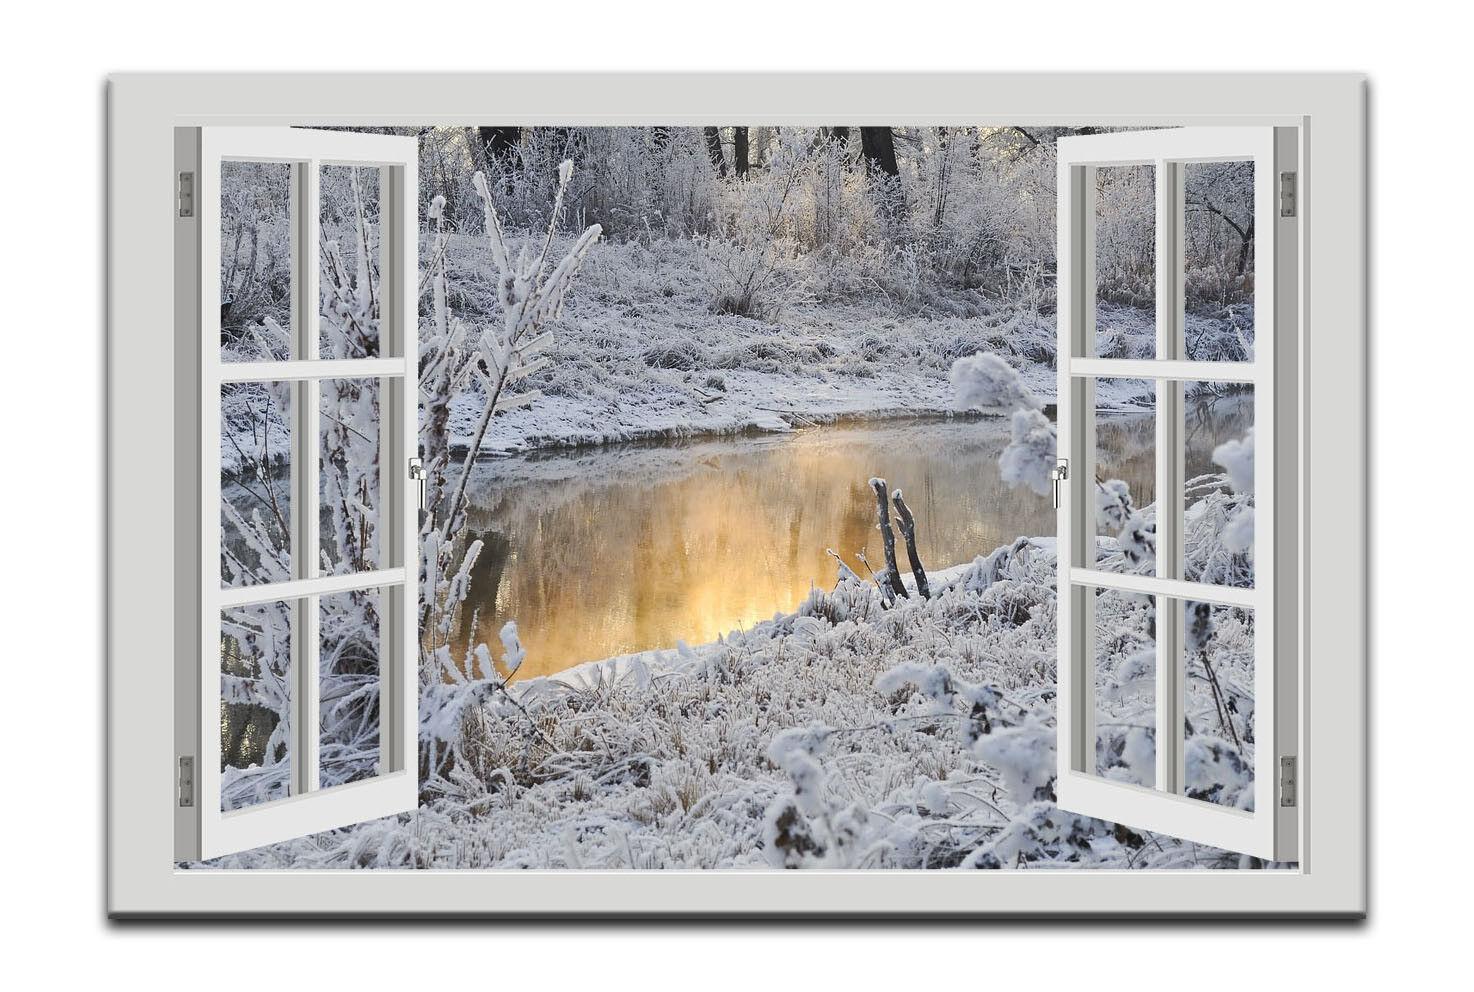 Toile Arbres la fresque Fenêtre Vue Hiver Neige Eau Arbres Toile Paysage Hiver 94a4a4